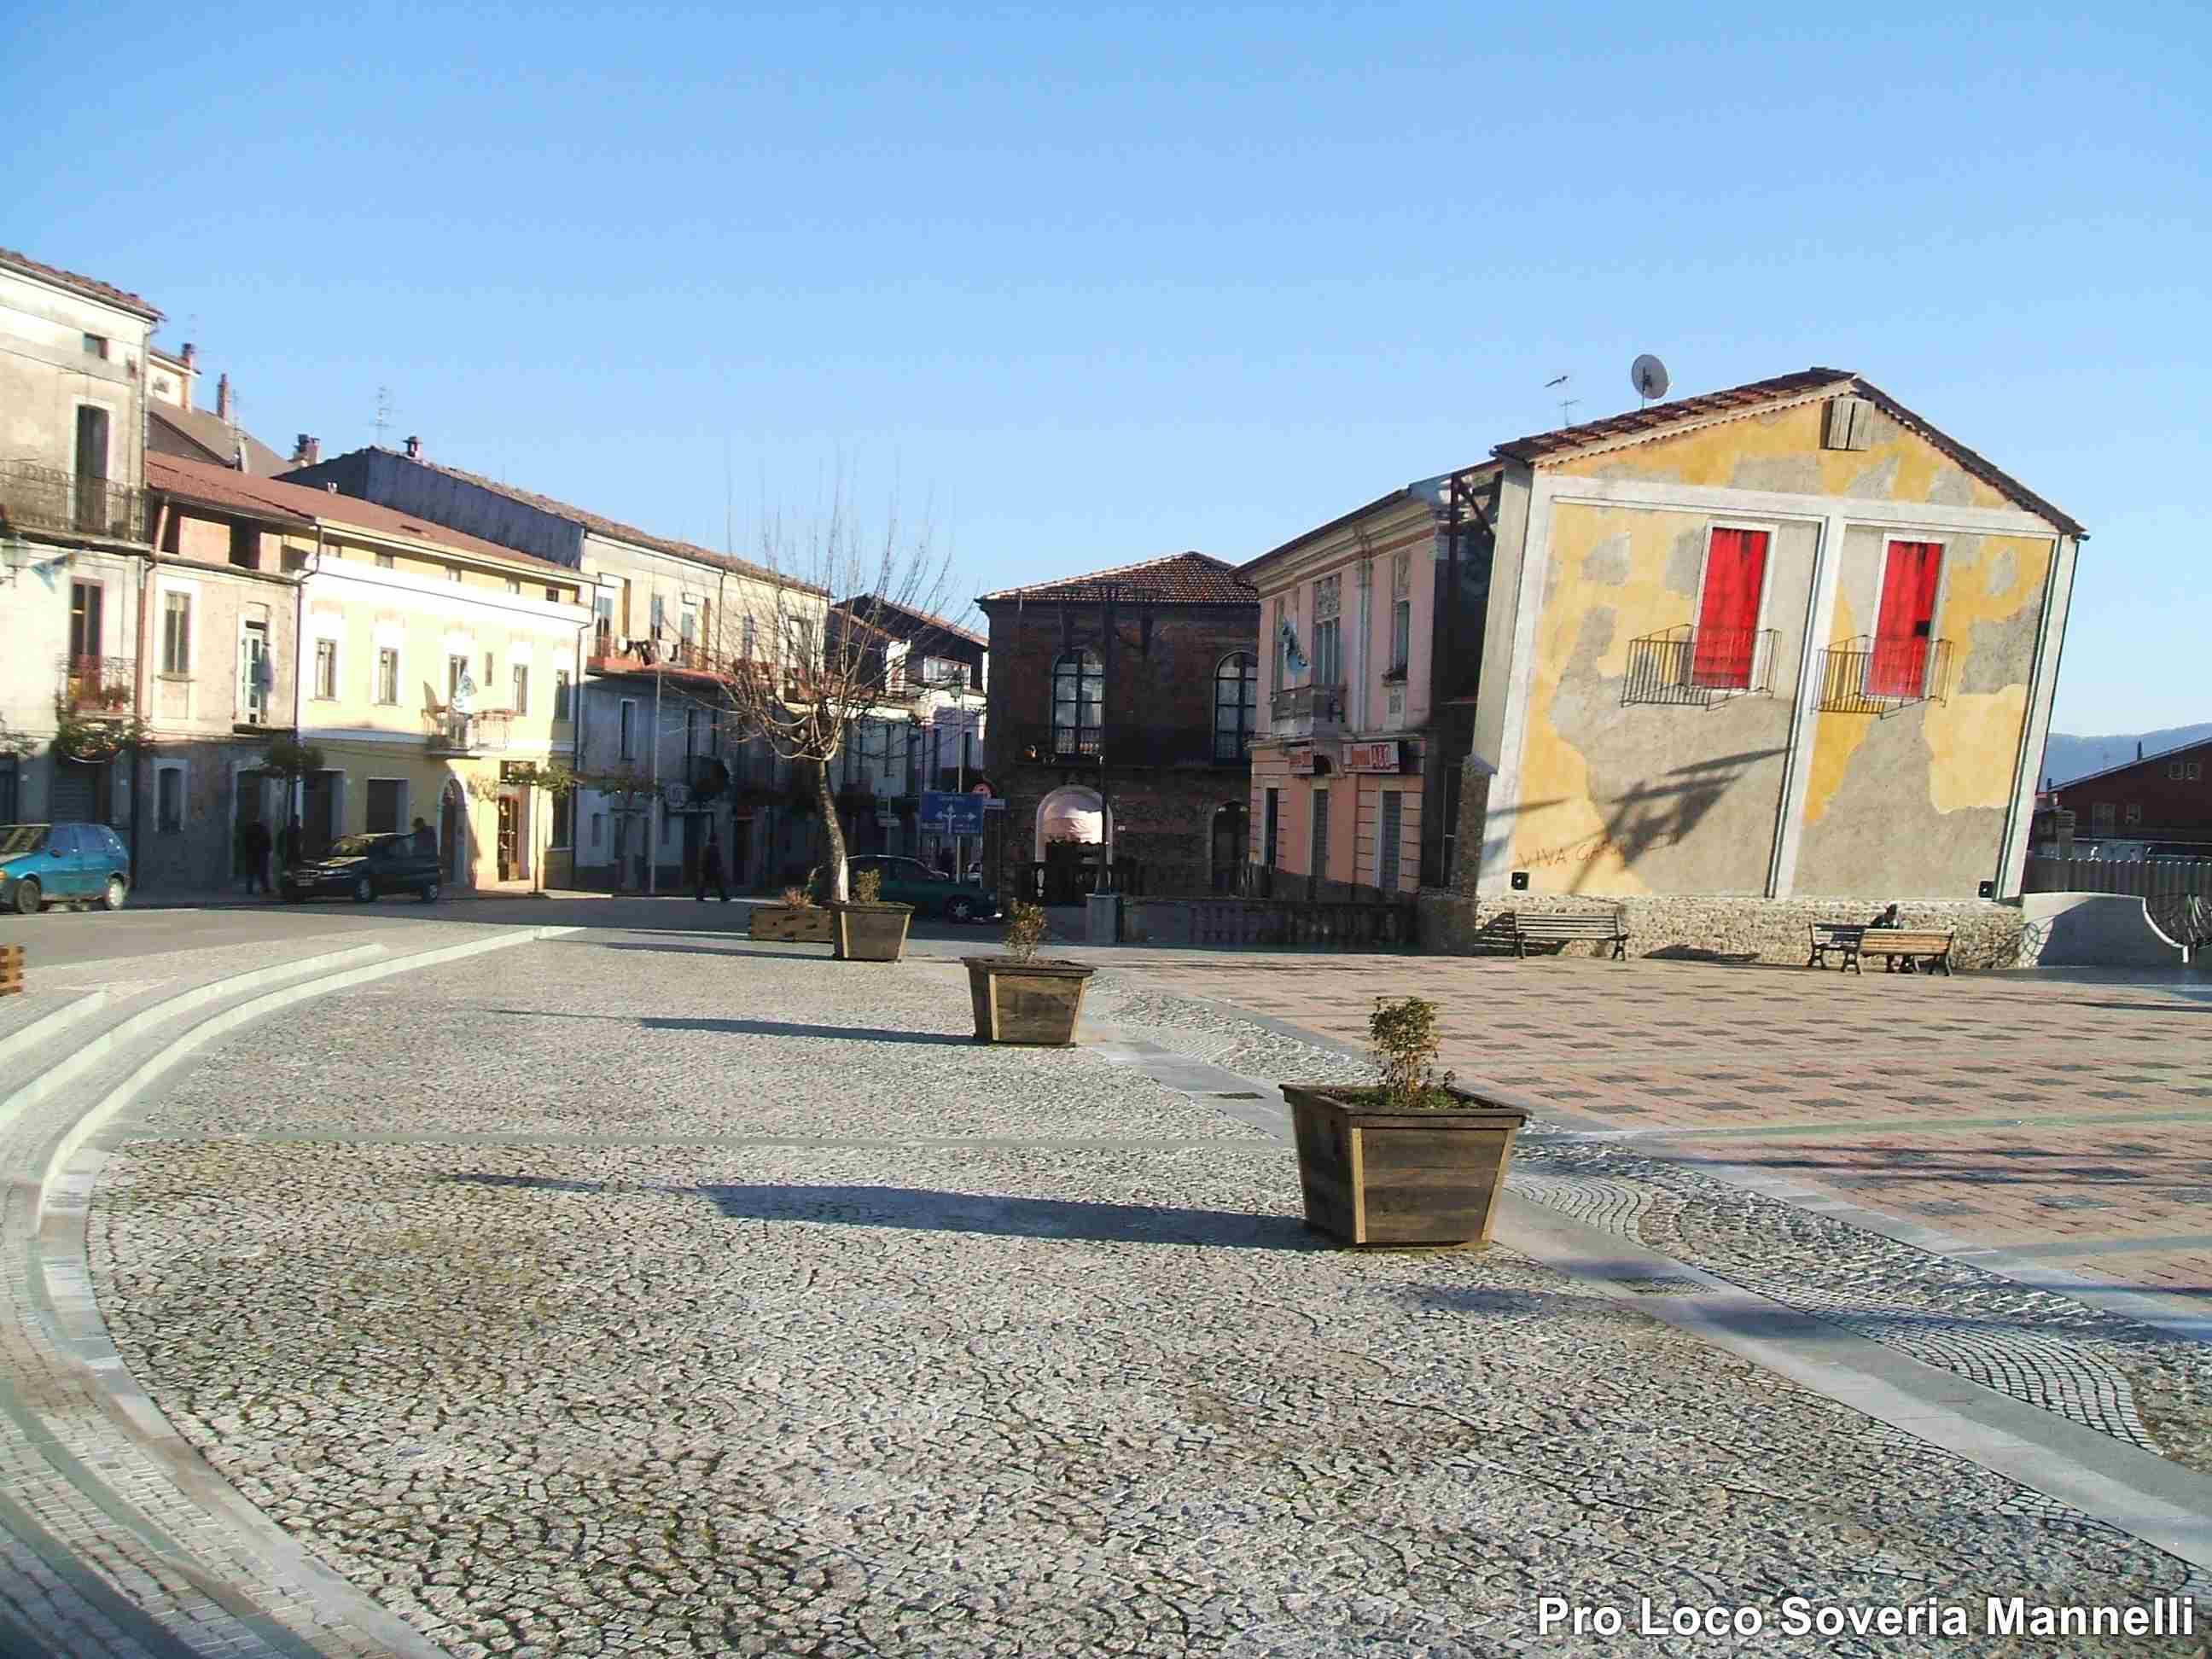 soveria mannelli borgo più bello-LameziaTermeit